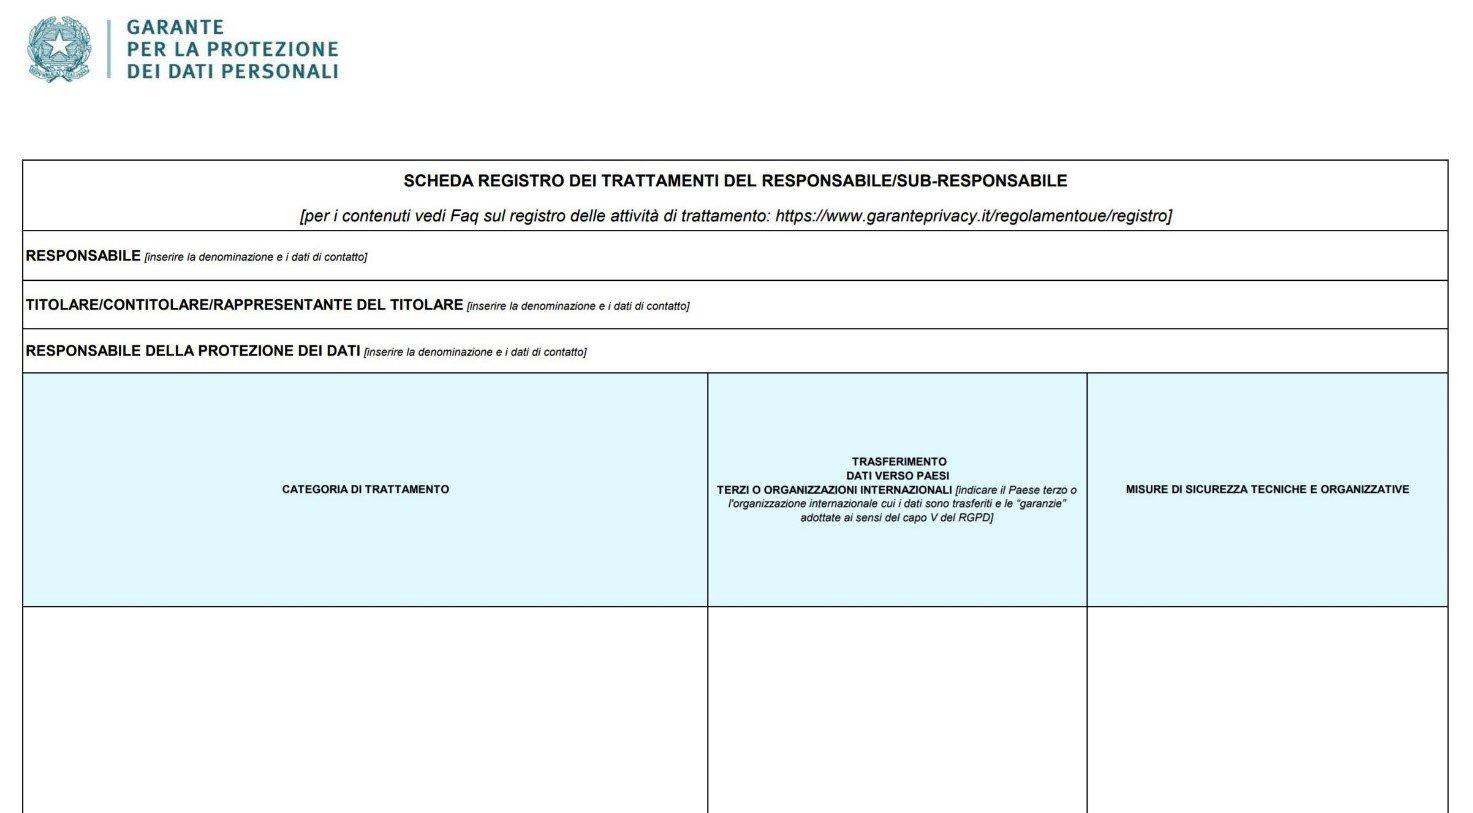 registro-trattamenti-responsabile-modello-garante